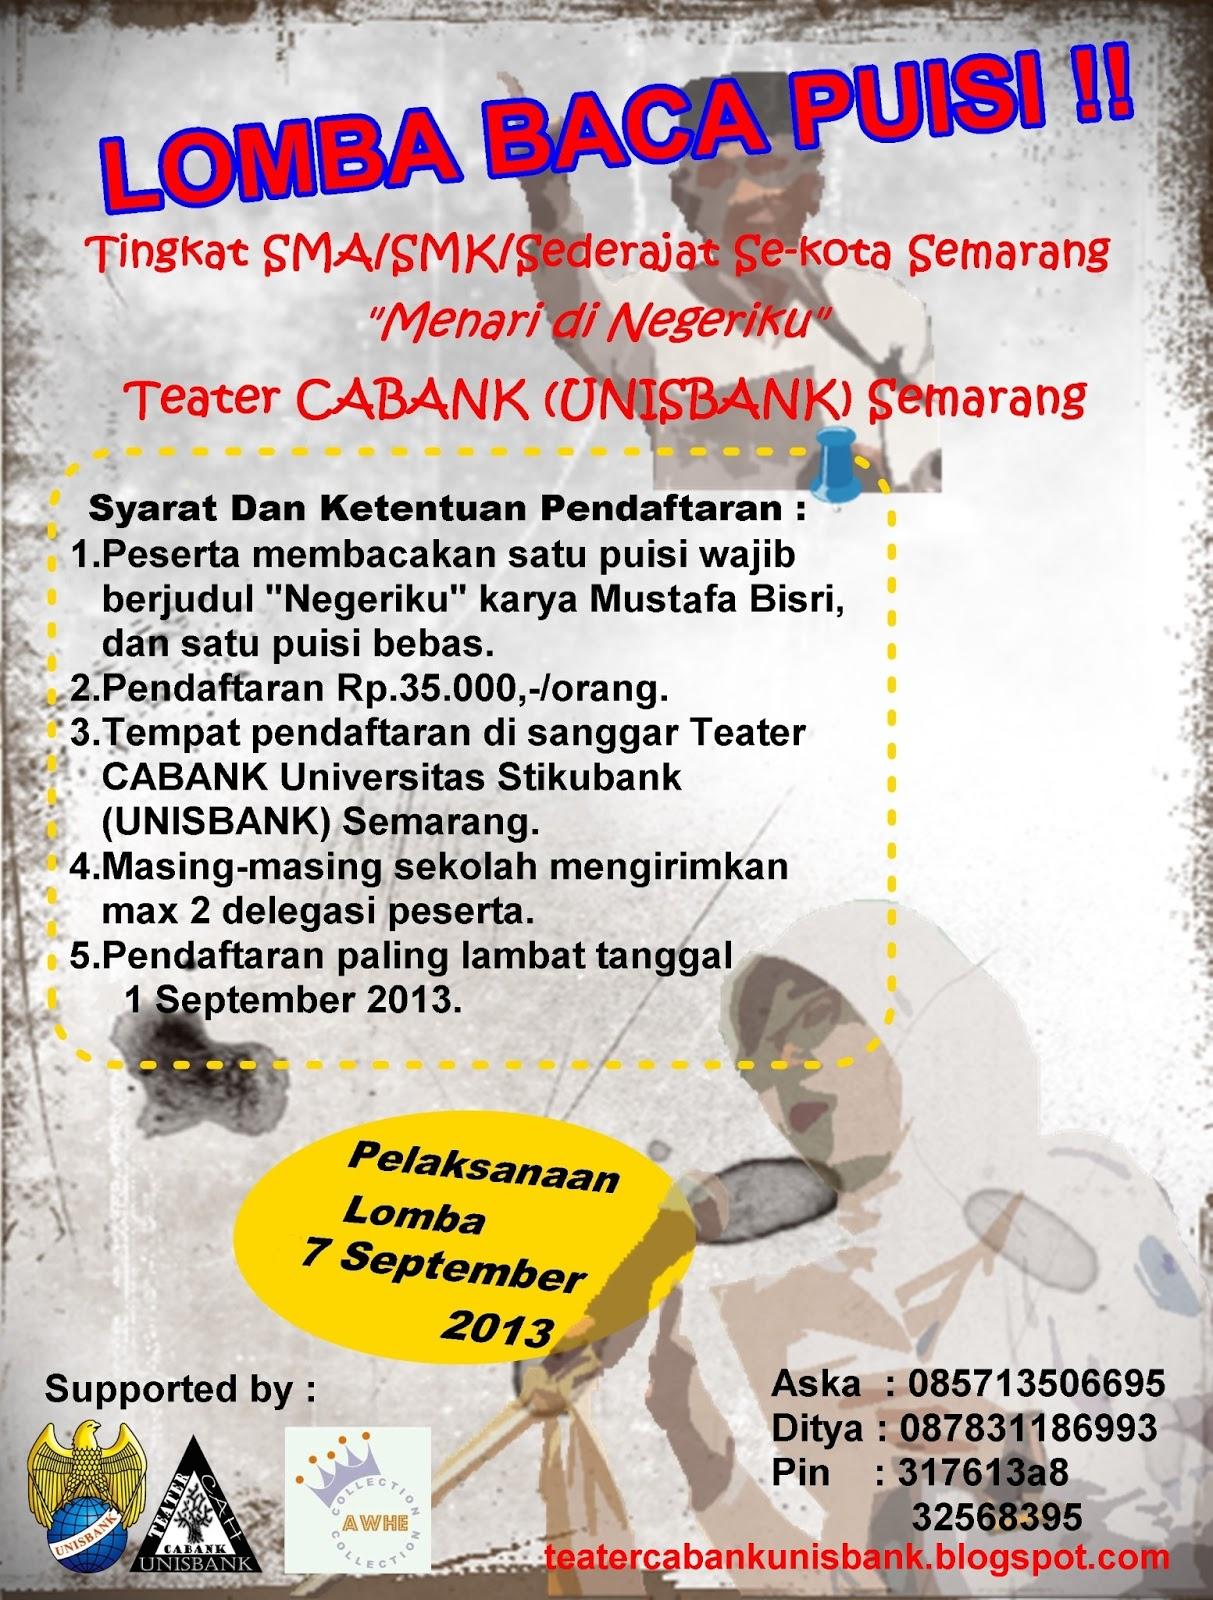 Keluarga Besar Teater Cabank Lomba Baca Puisi 2013